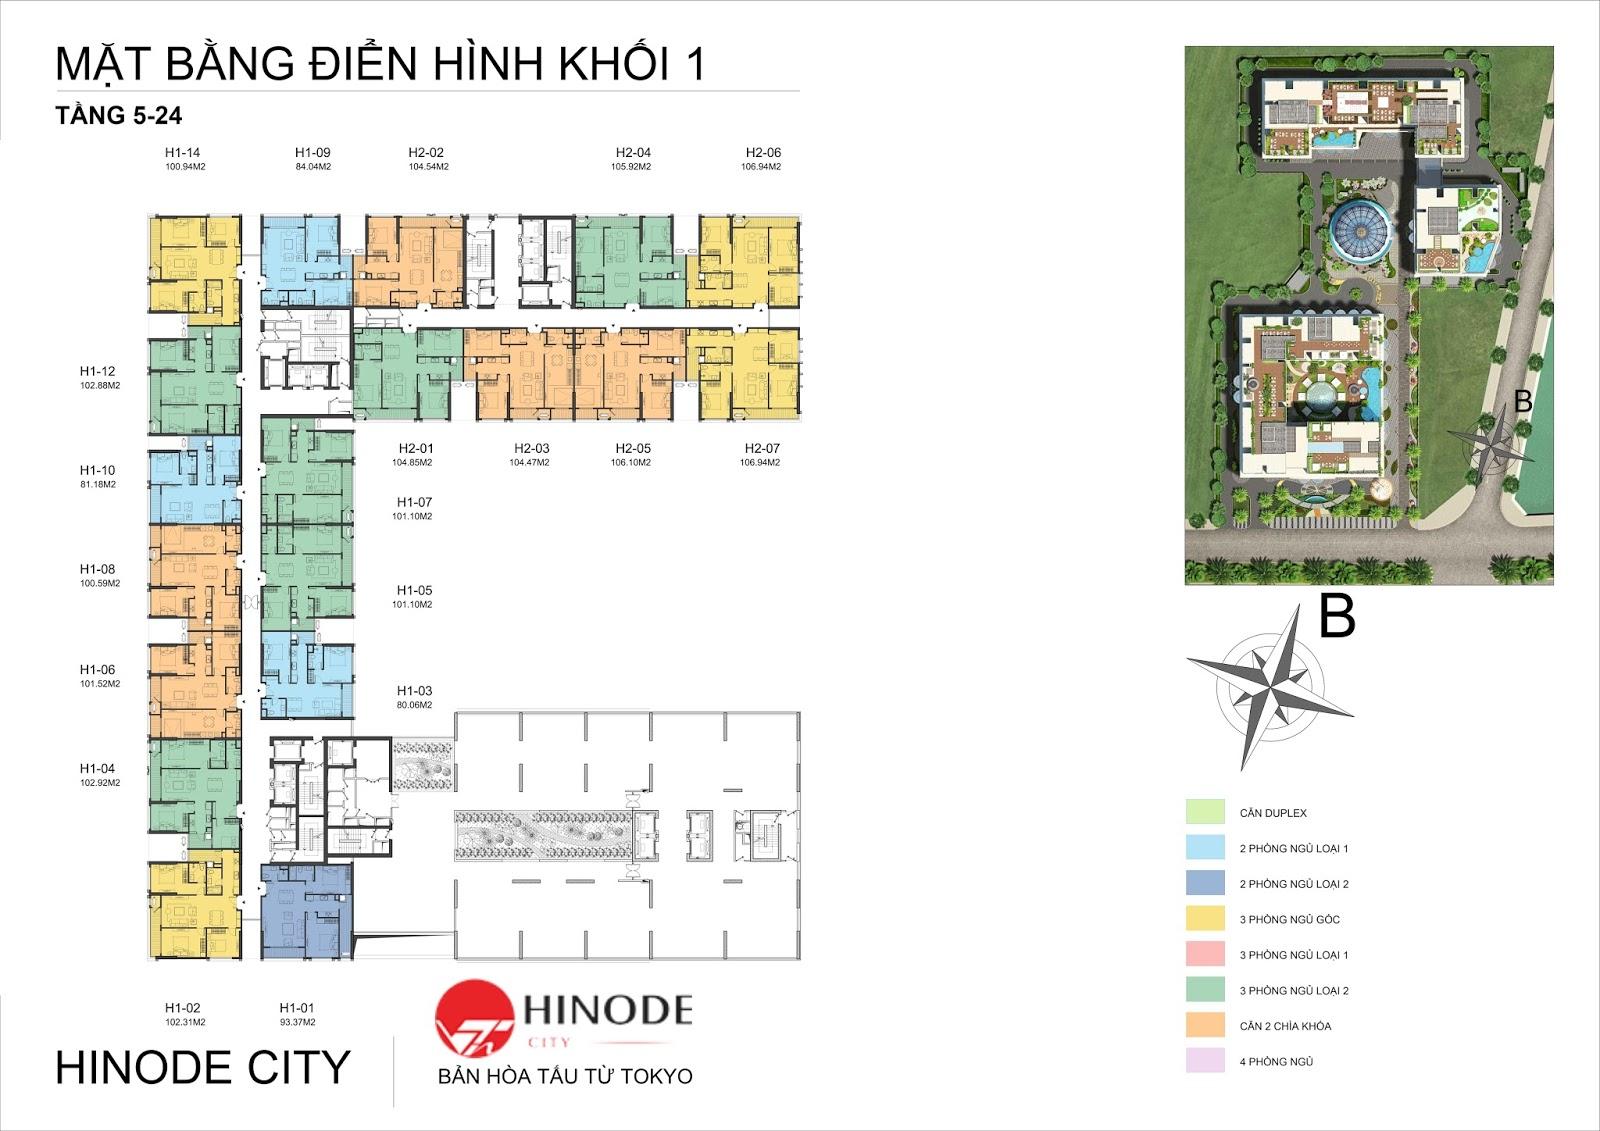 Mặt bằng điển hình chung cư Hinode City